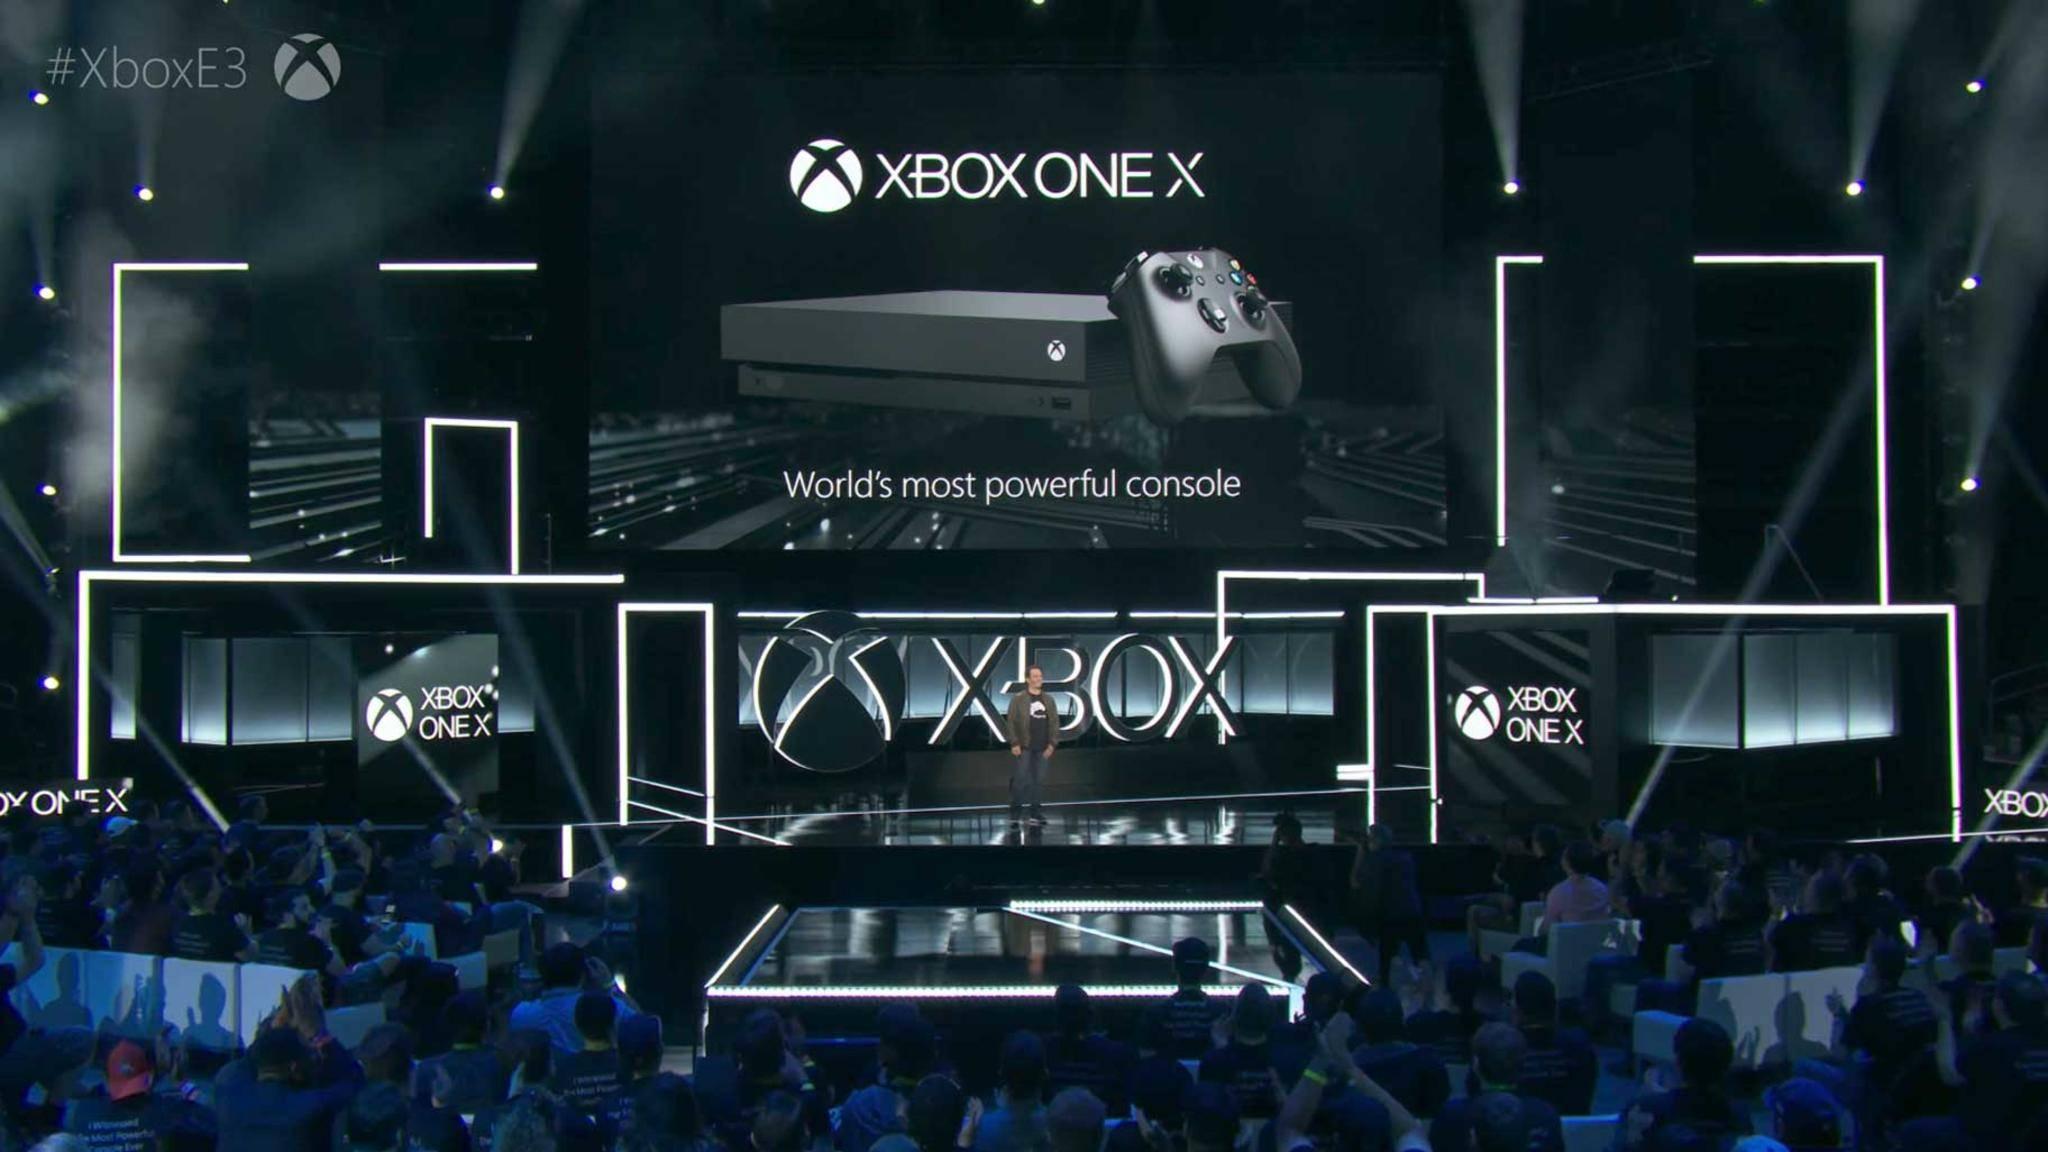 Auf der E3 hatte Microsoft die Xbox One angekündigt – was kommt auf der Gamescom?